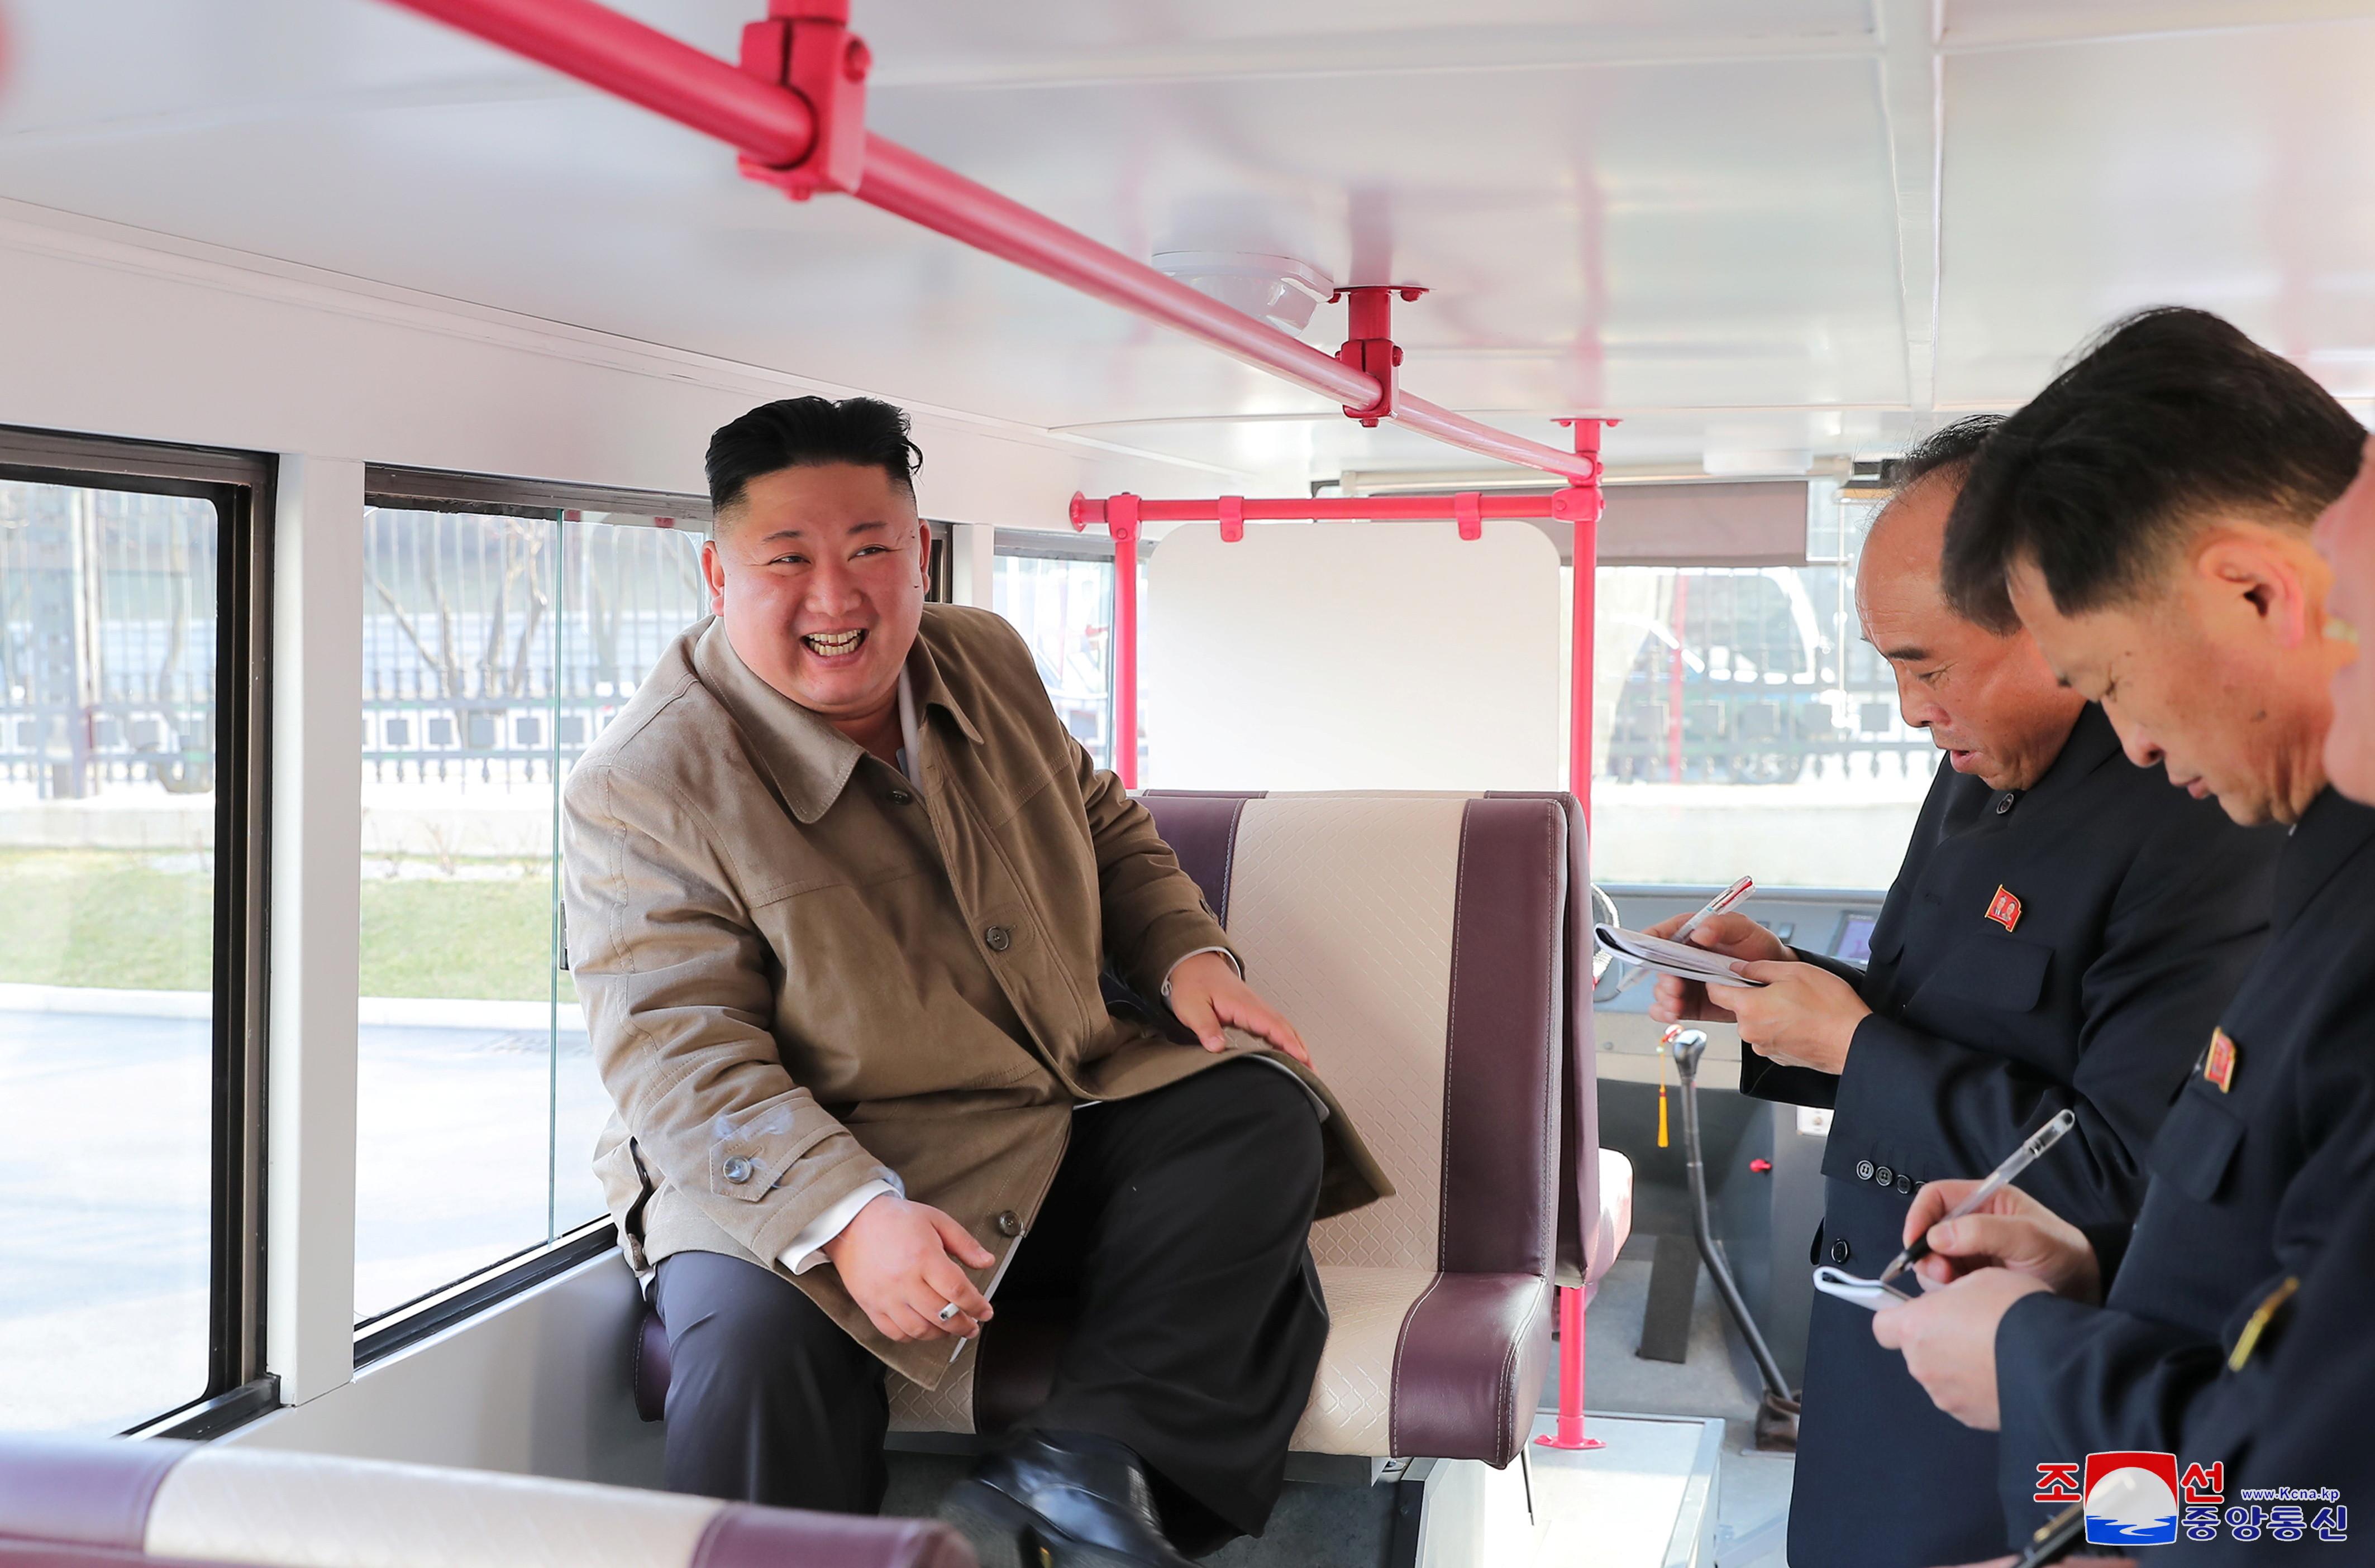 ▲▼北韓透過偵察總局指揮網軍,駭入全球虛擬貨幣交易所網站,取得研發核武資金。(圖/路透社)